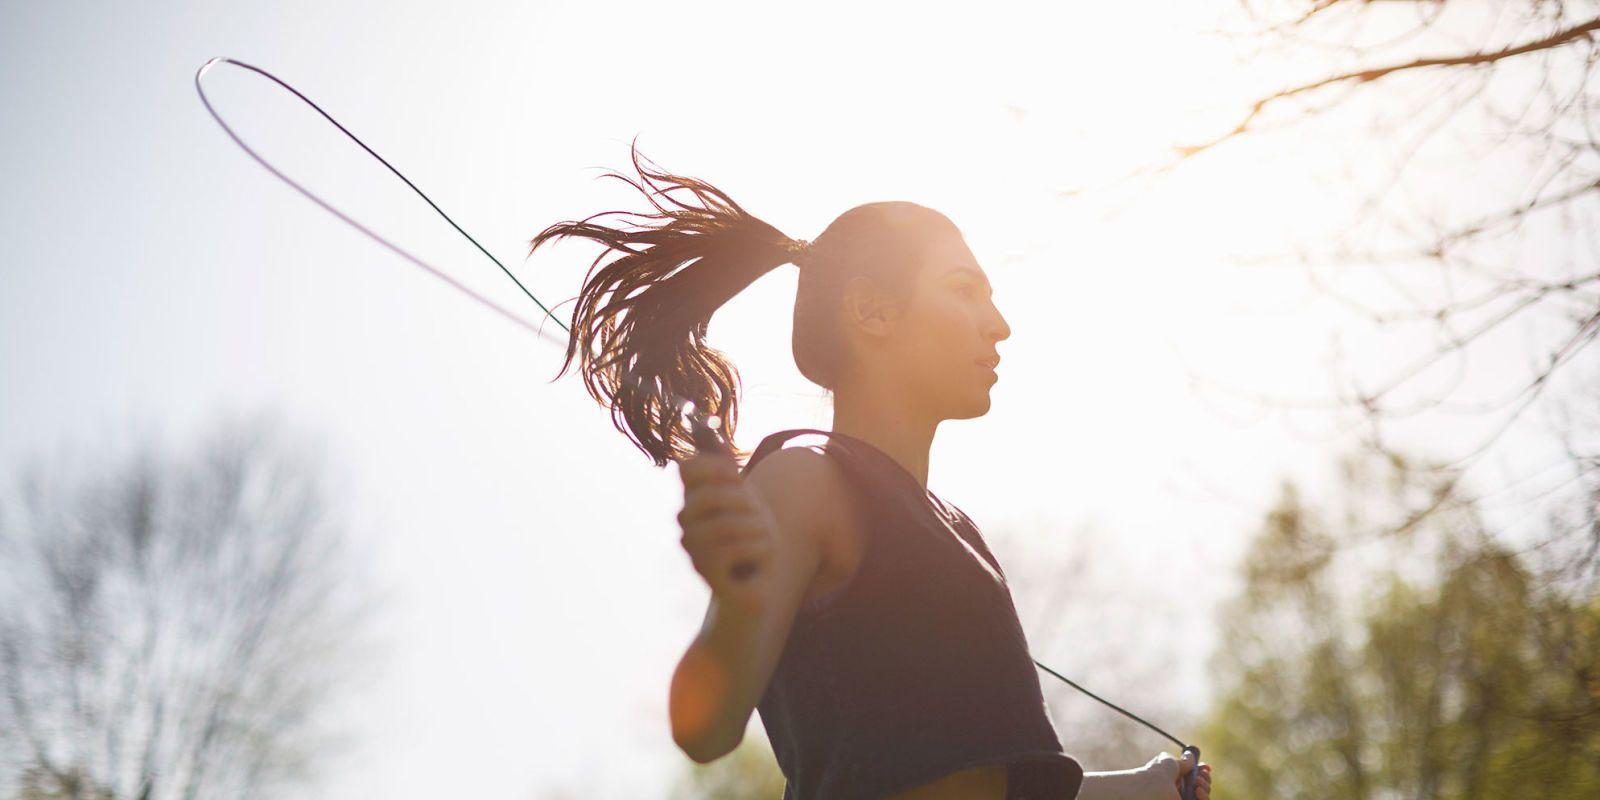 il badminton brucia grassi